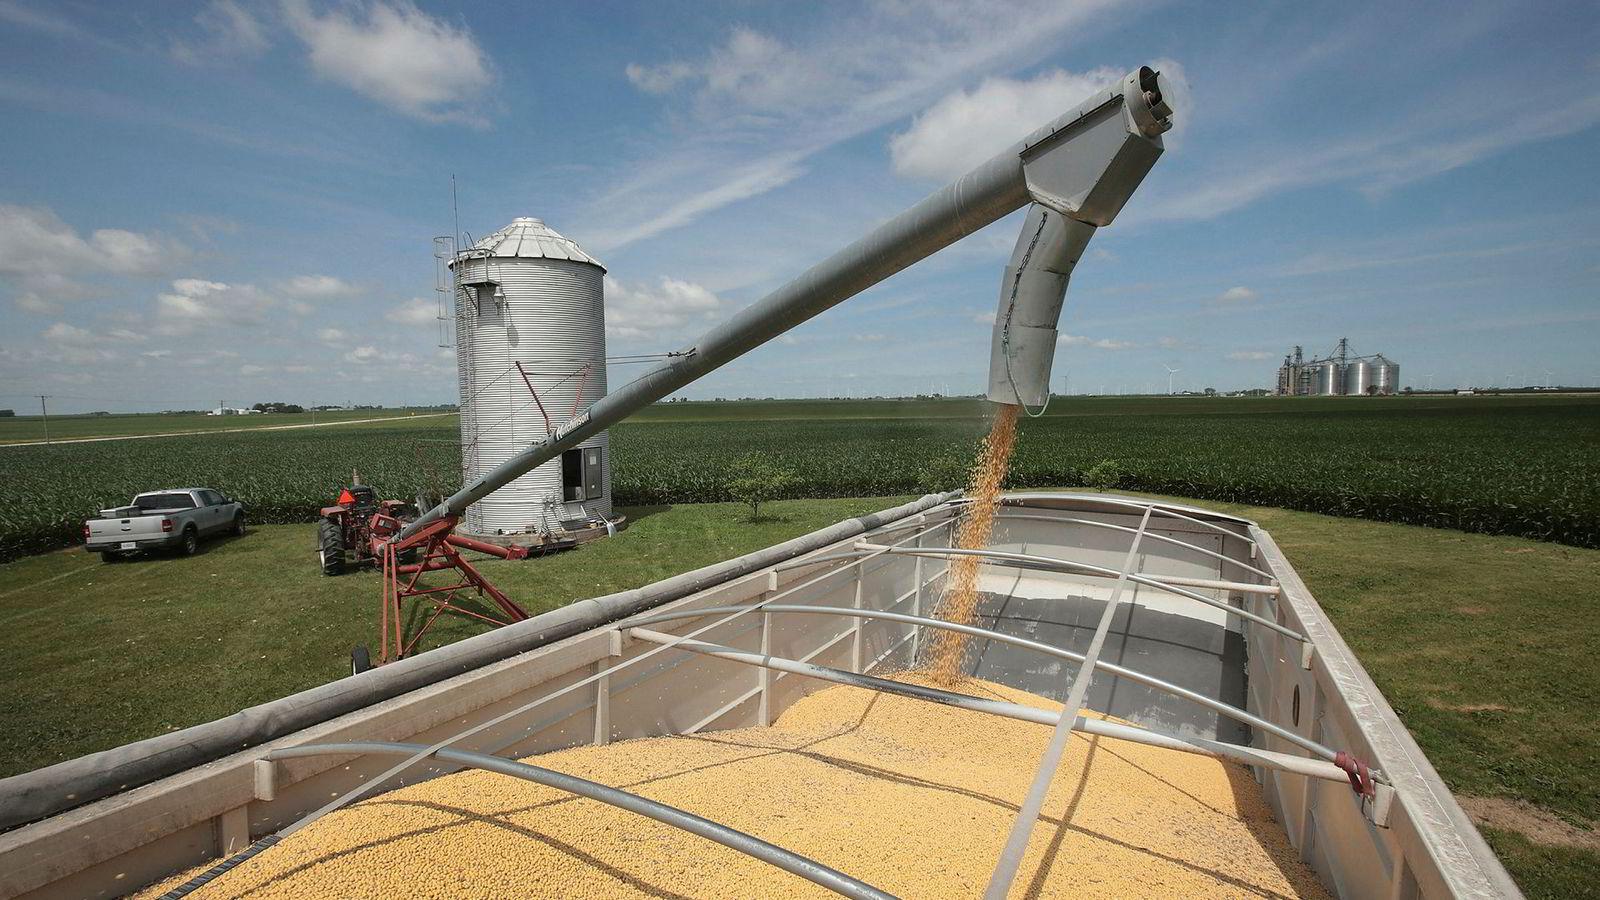 Eksporten av amerikanske landbruksprodukter til Kina har stupt de siste månedene. Like før de 13. handelsforhandlingene starter har Kina økt importen av blant annet soyabønner.